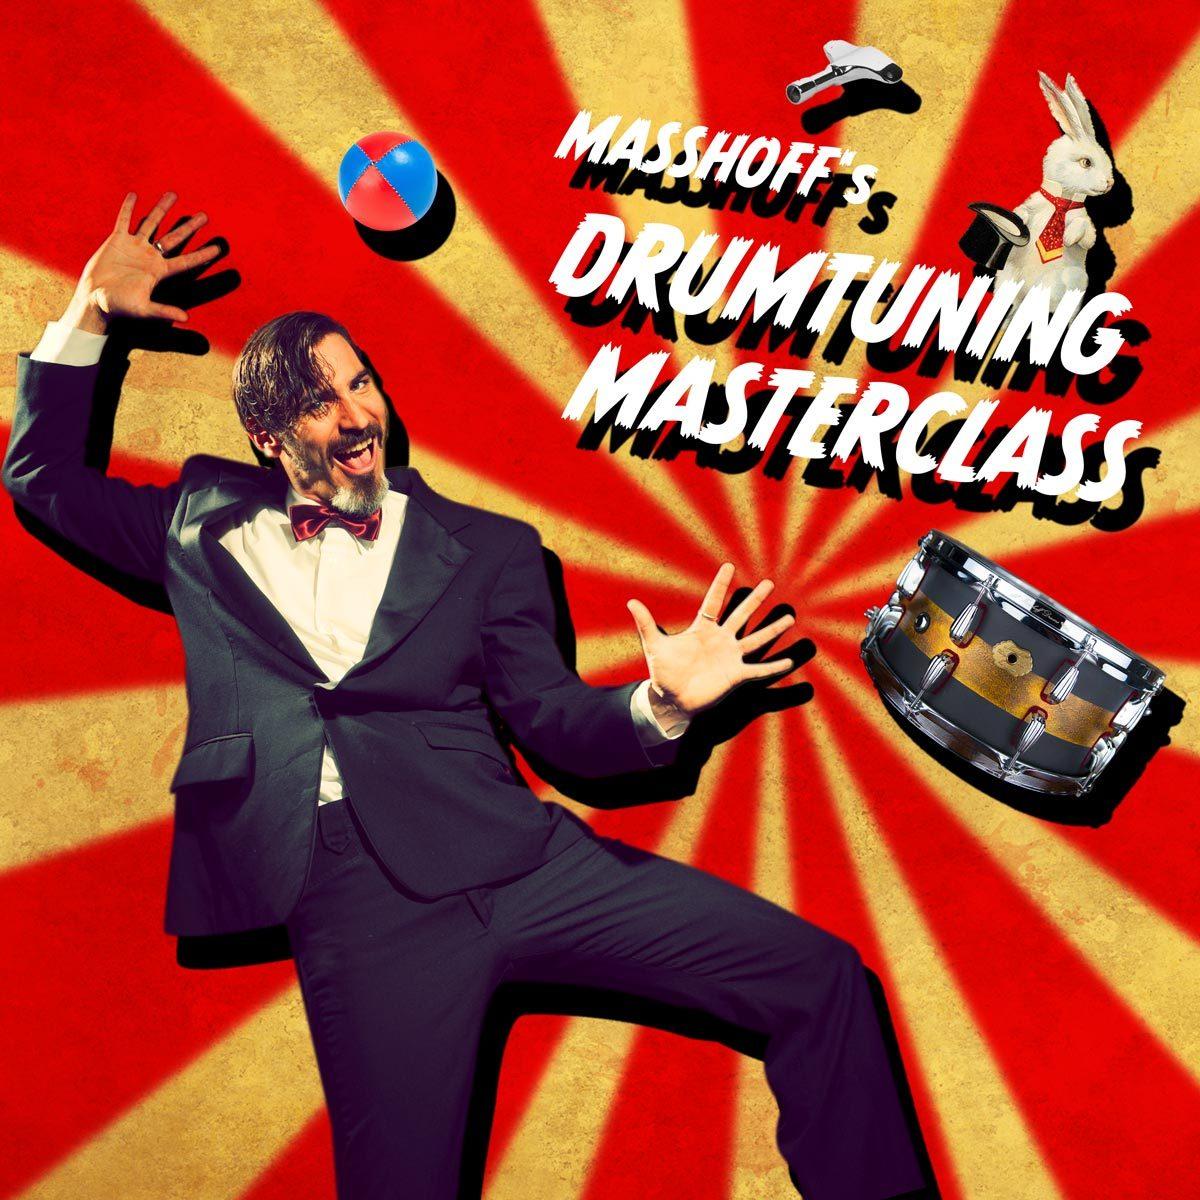 Drumtuning Masterclass Workshops (Deutschland) 00036